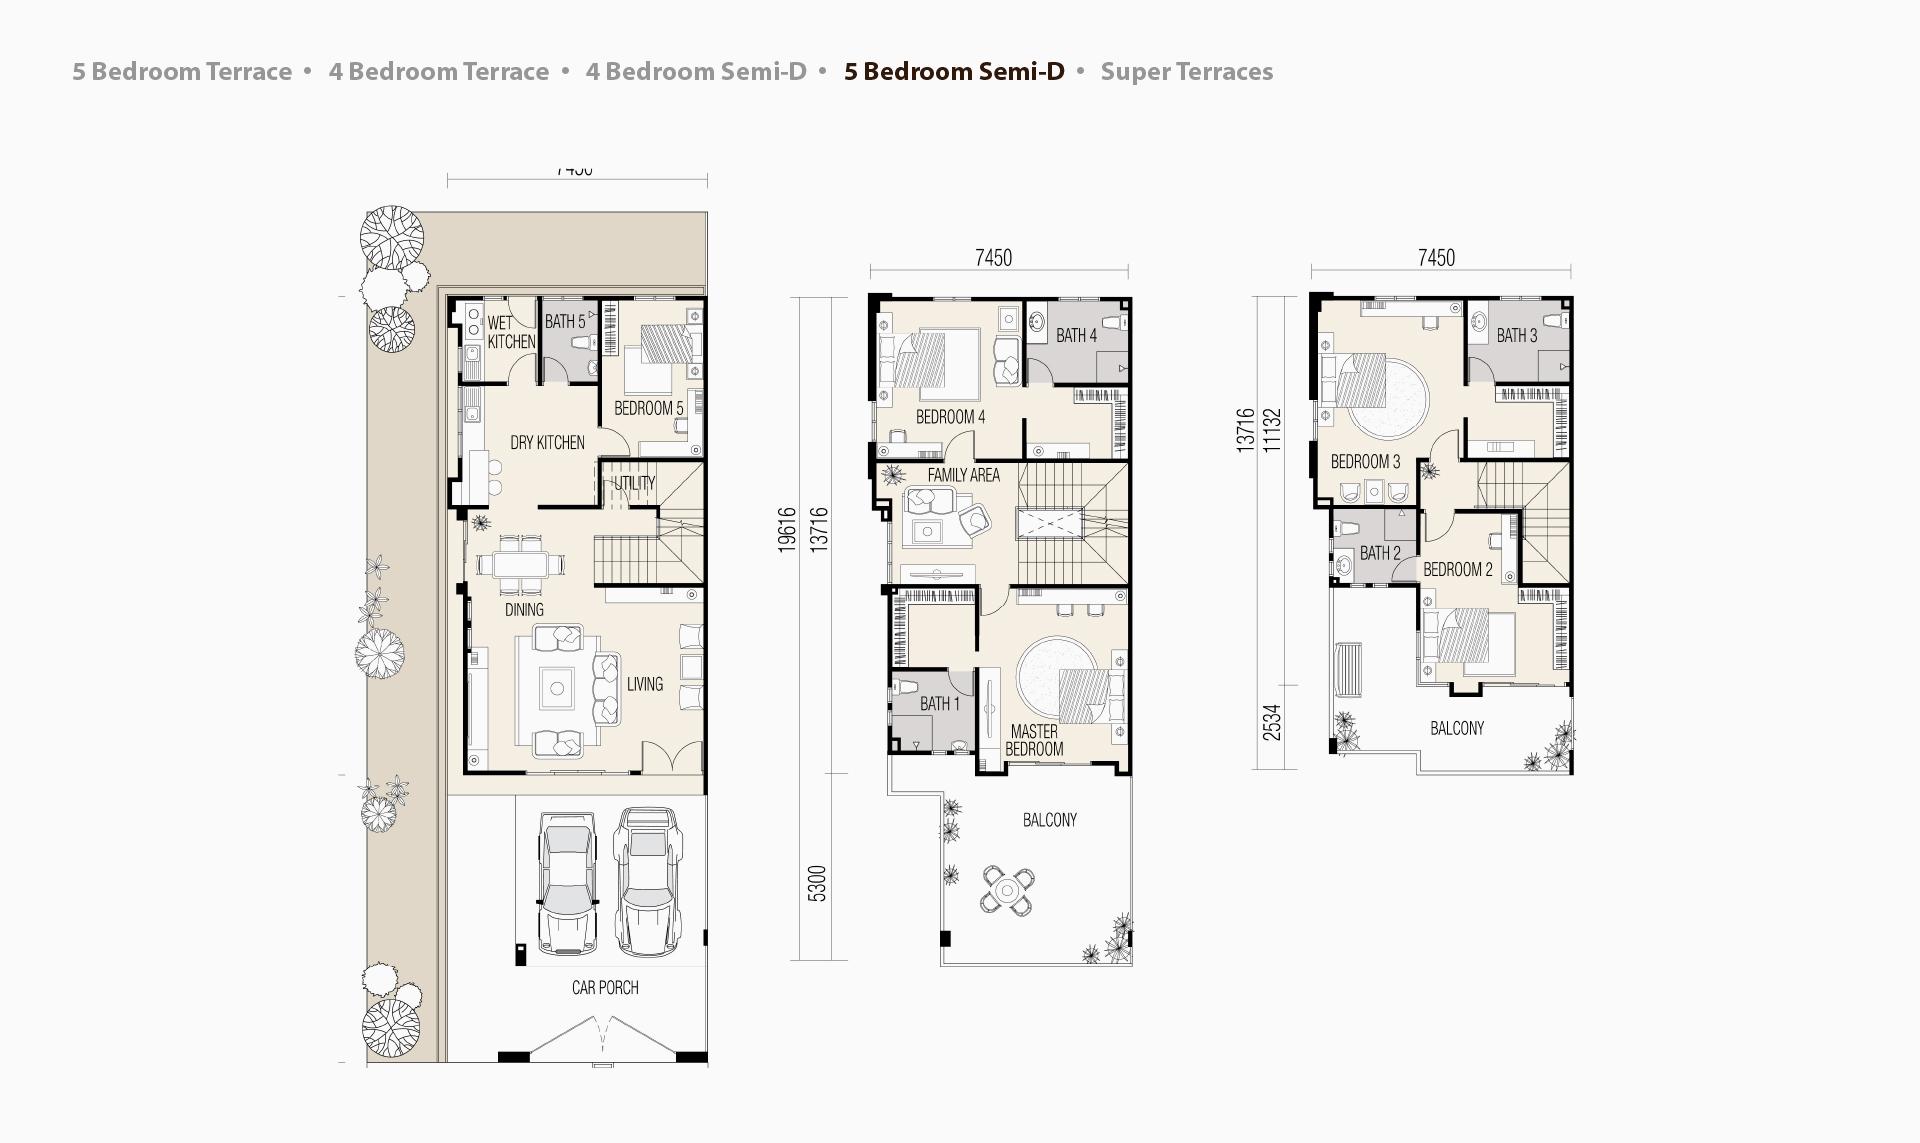 bm_permai_plan_5_bedroom_semid